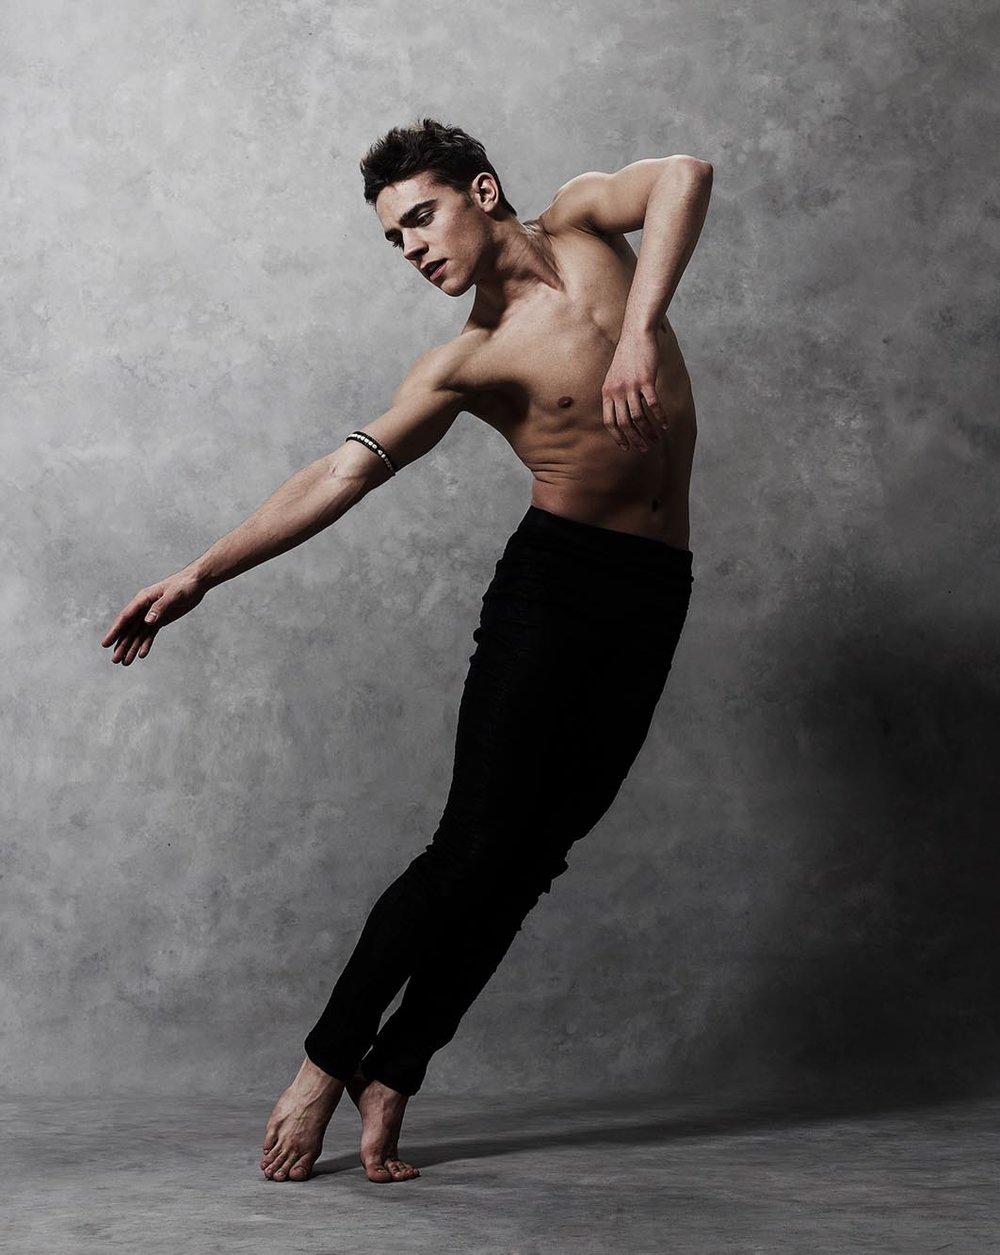 Demetrius Fordham Dance Pose Portrait